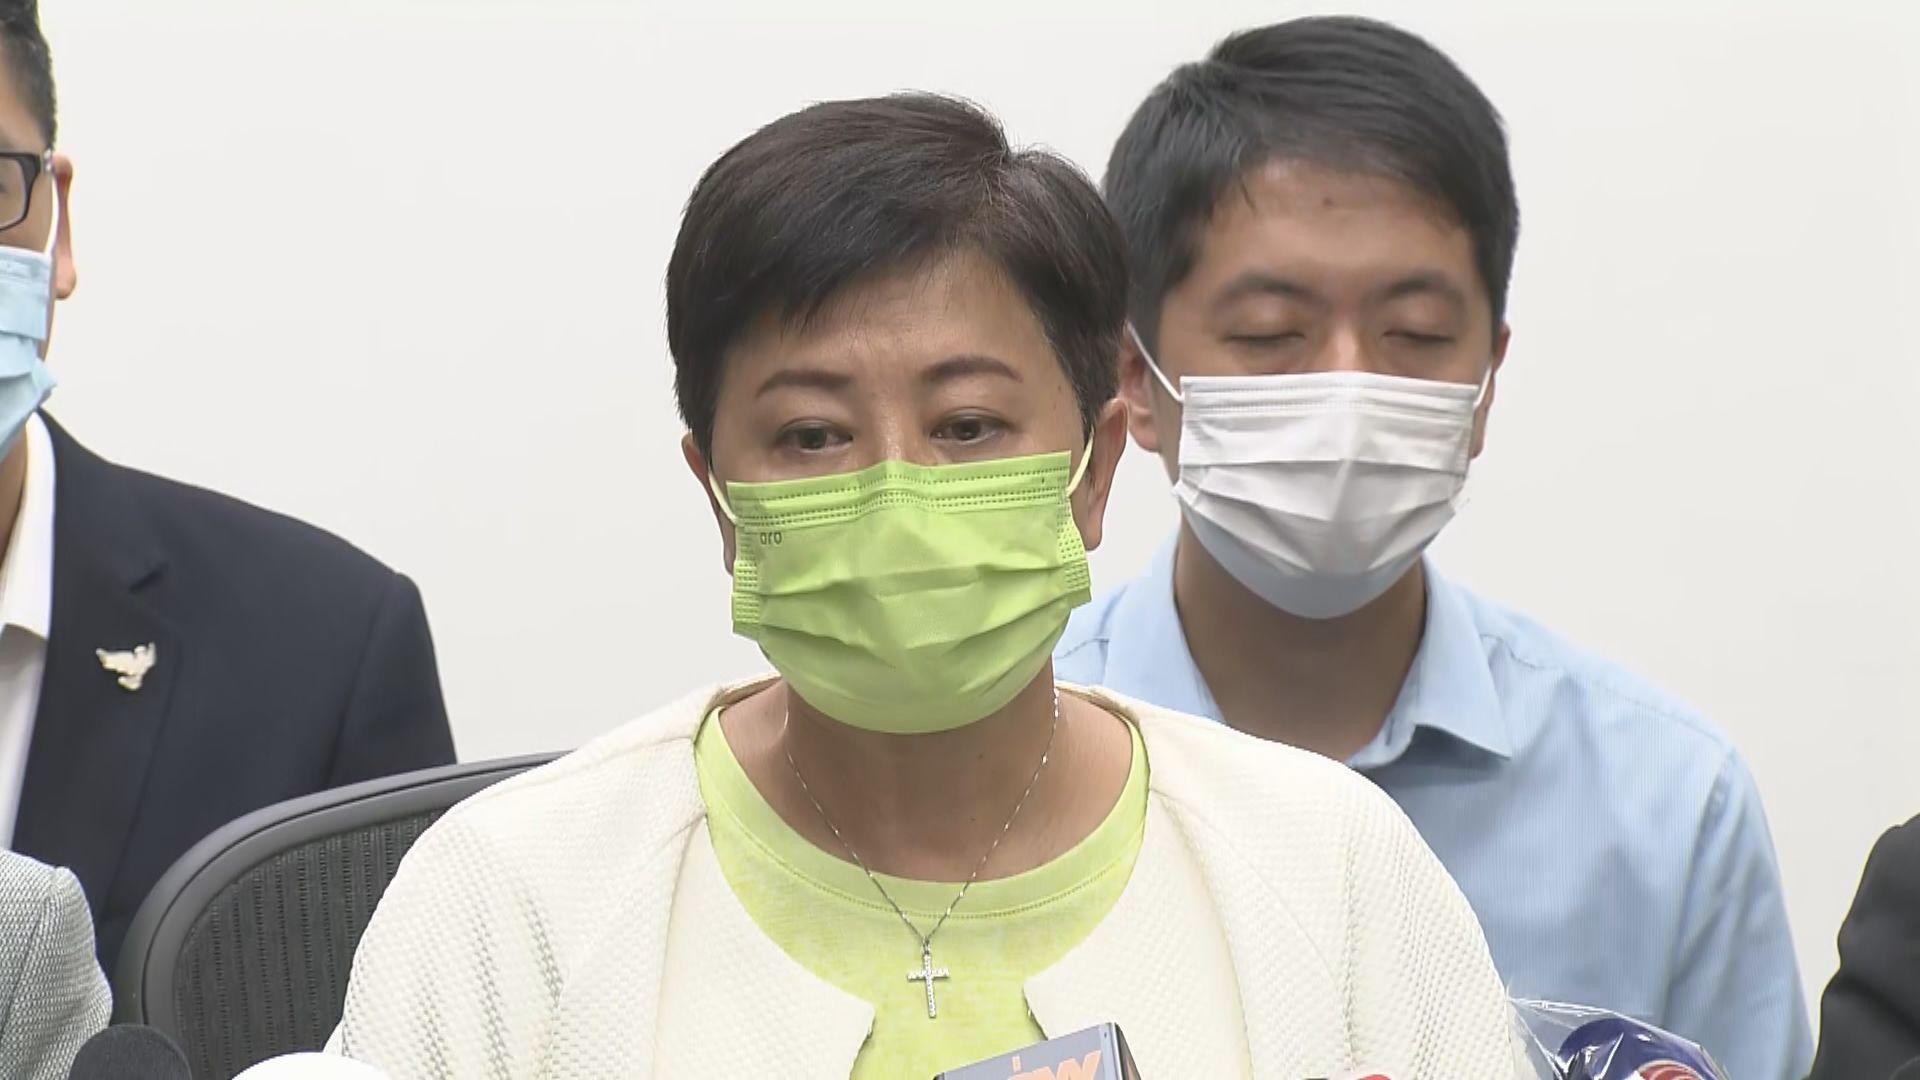 黃碧雲承認初選落敗 不會參選立法會選舉